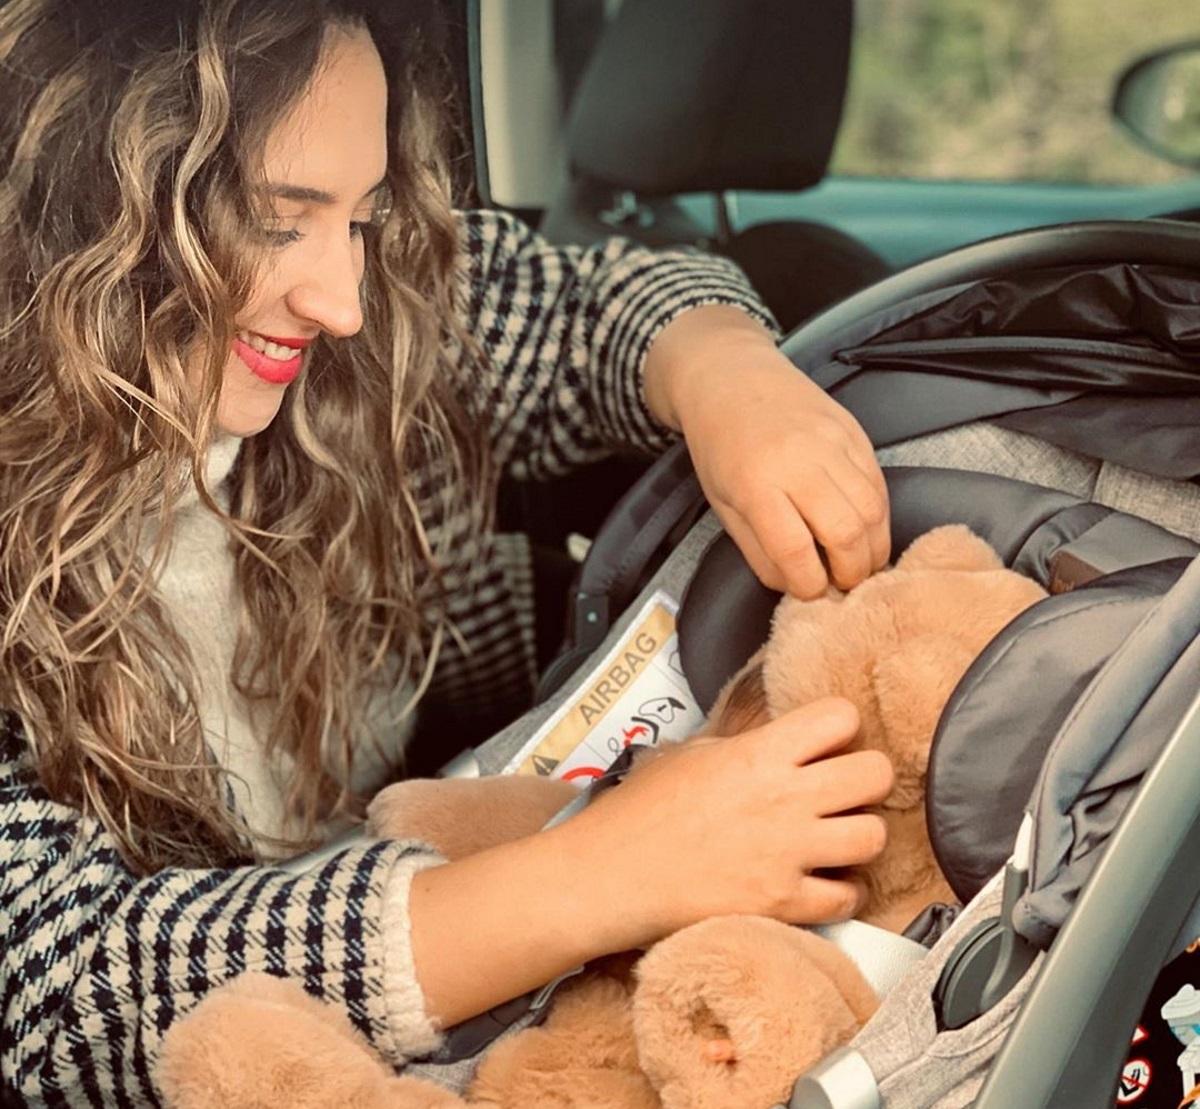 Κλέλια Πανταζή: Δημοσίευσε φωτογραφία που θηλάζει τον 40 ημερών γιο της!